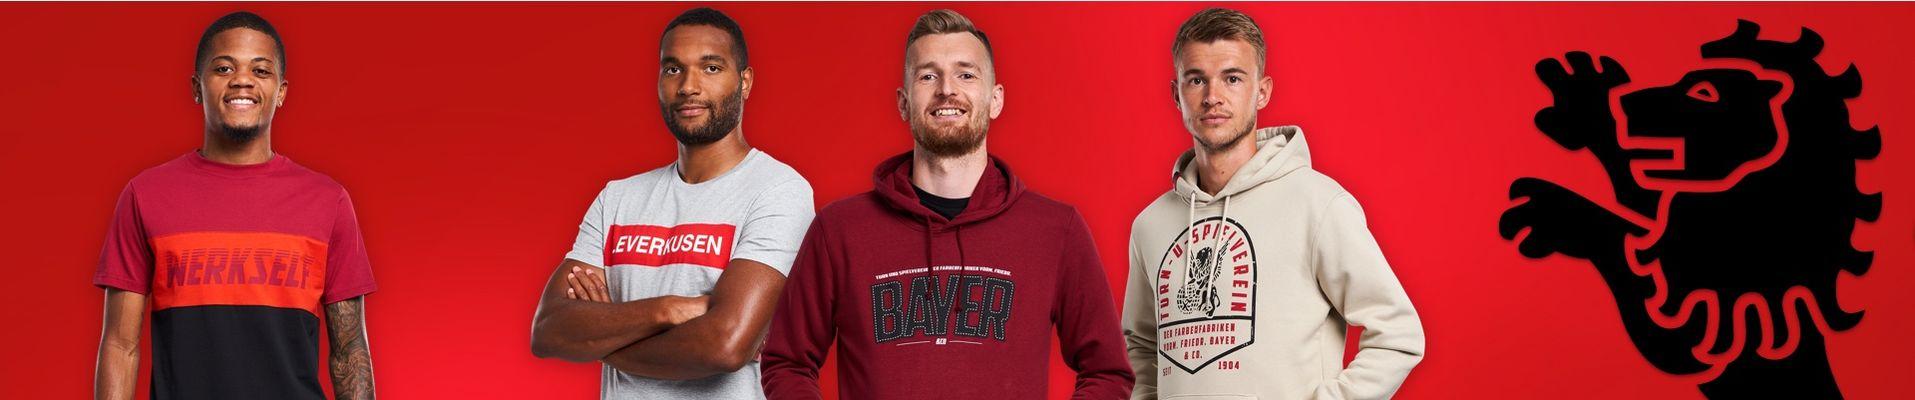 Zu sehen ist Leon Bailey, im T-Shirt Stripe, Jonathan Tah, im T-Shirt Leverkusen, Lukas Hradecky, im Hoody Bayer 04 & Co und Daley Sinkgraven, im Hoody Turn- und Spielverein